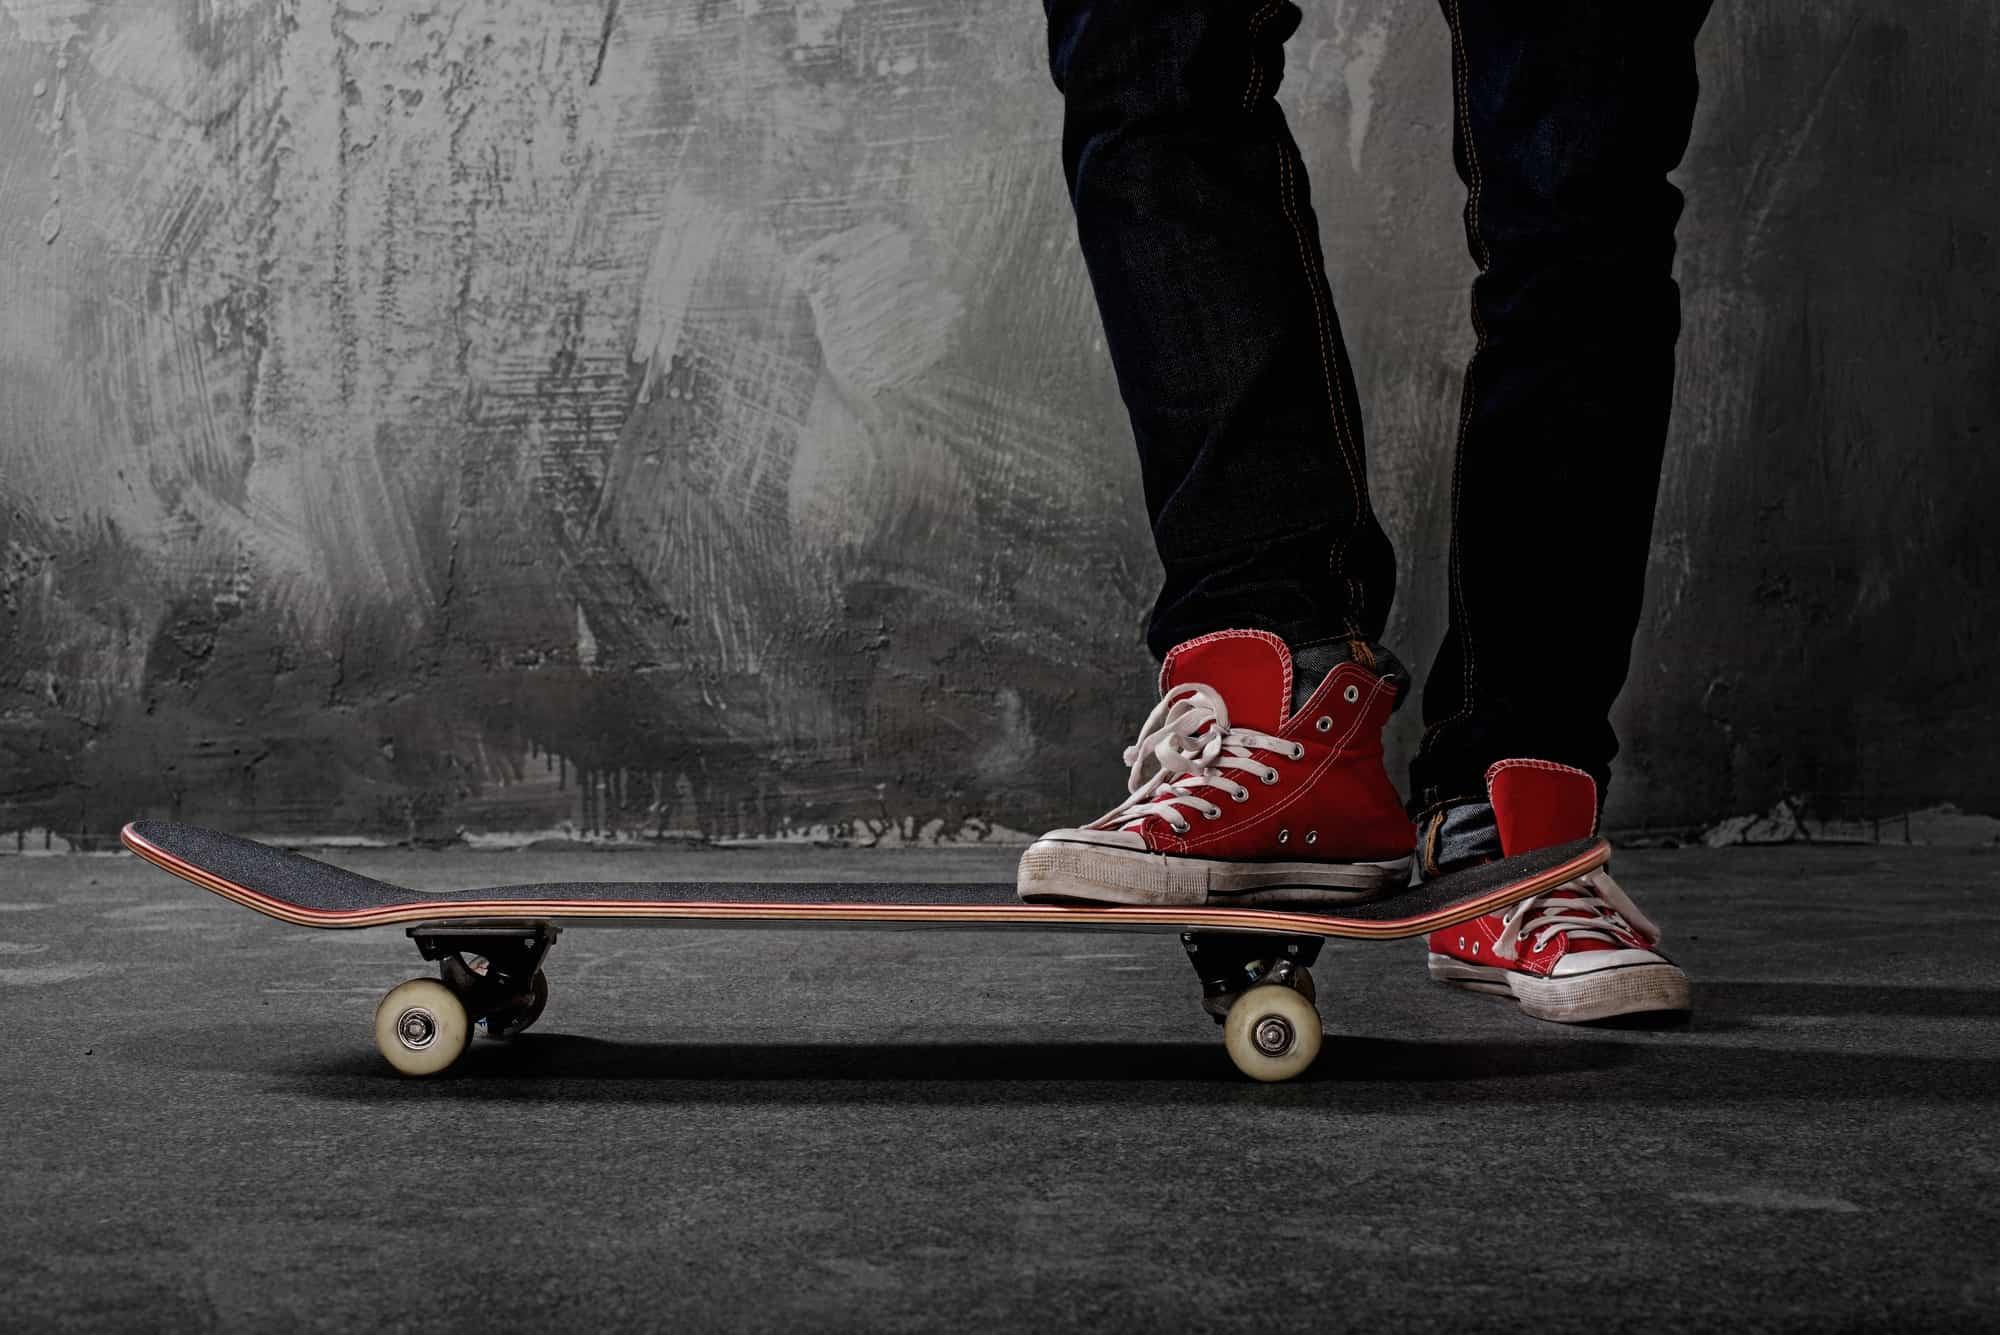 stop on a skateboard